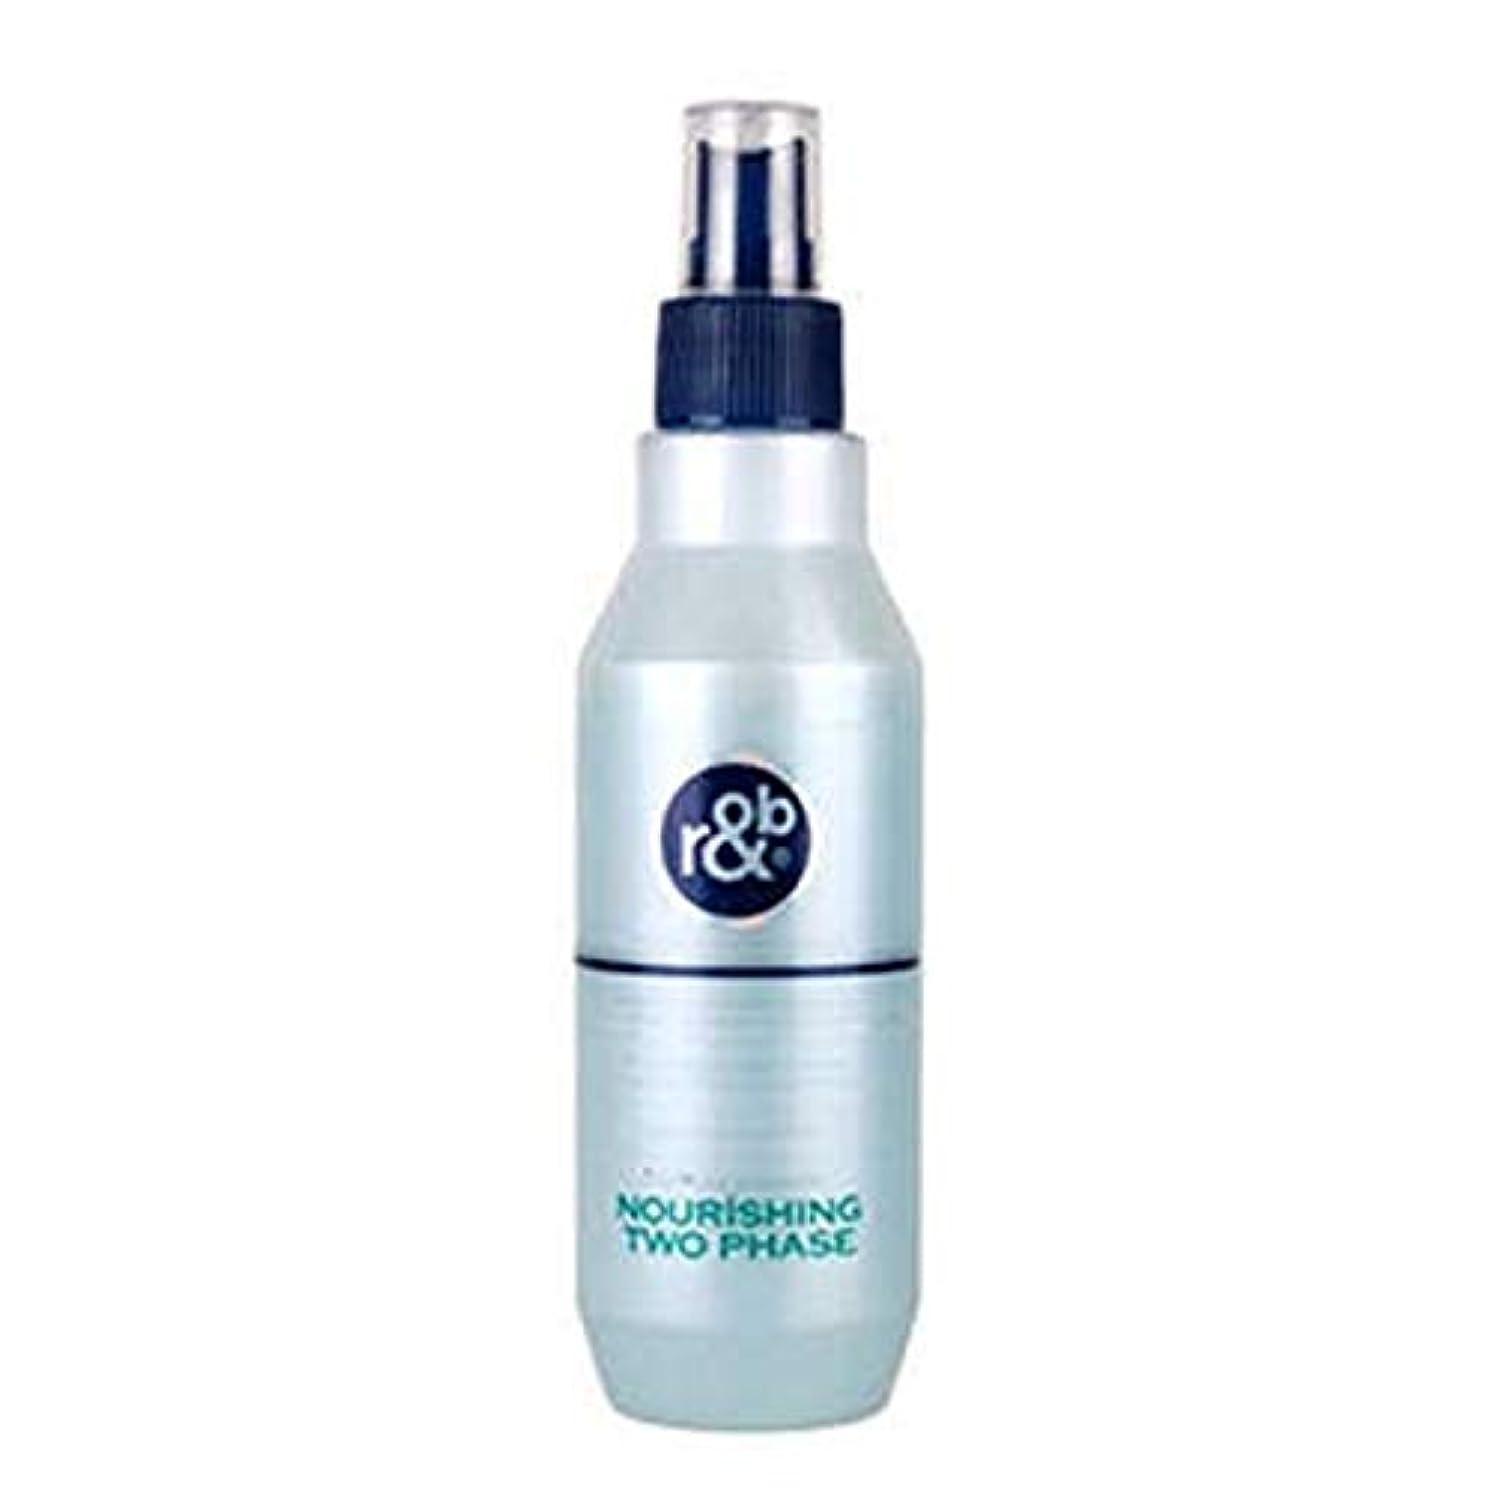 裁判官広告主収容するフィトン セラピー ナリッシング 2 段階 250ml - アウトバス ヘア コンディショナー ( Phyton Therapy Nourishing Two Phase 250ml - leave in Hair Conditioner...